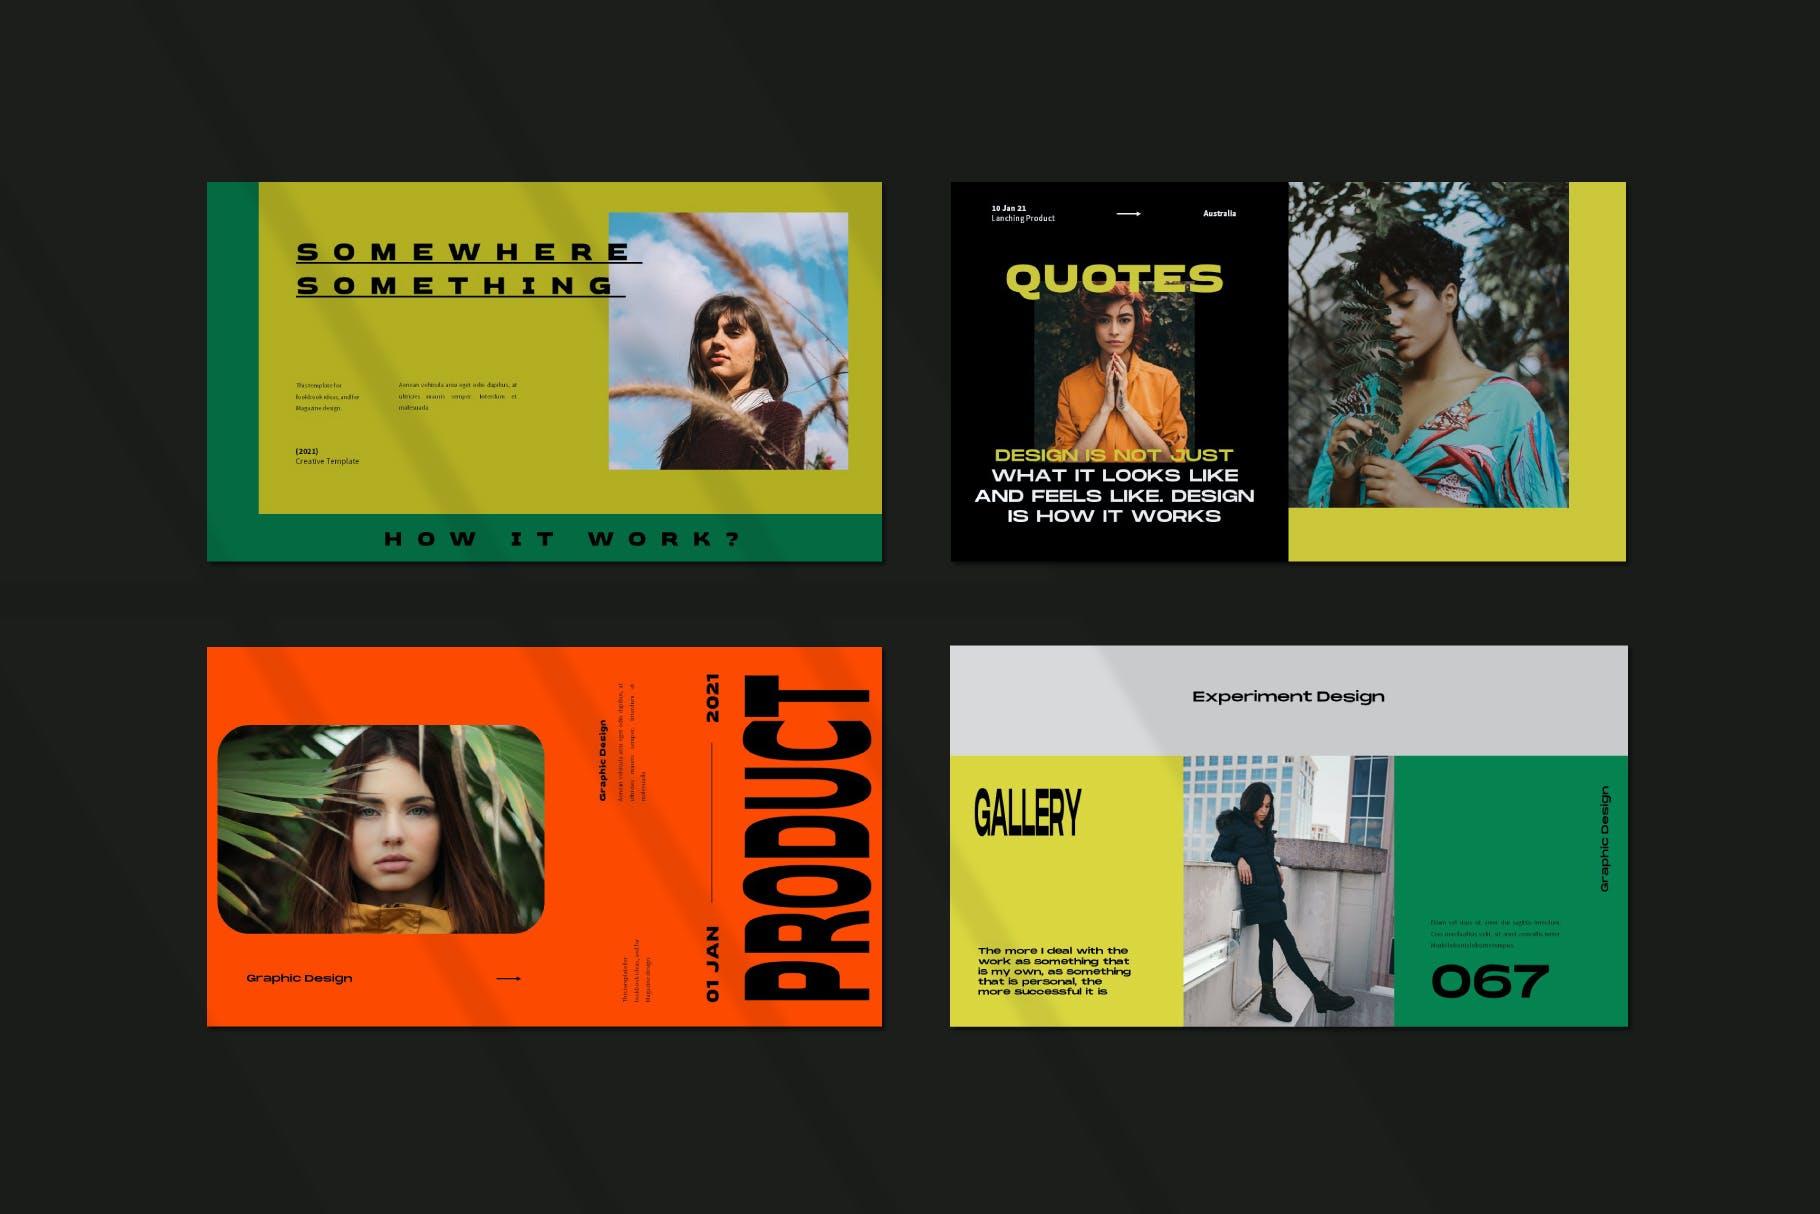 时尚潮流品牌策划案提案简报设计演示文稿模板 Brooke Powerpoint Template插图5